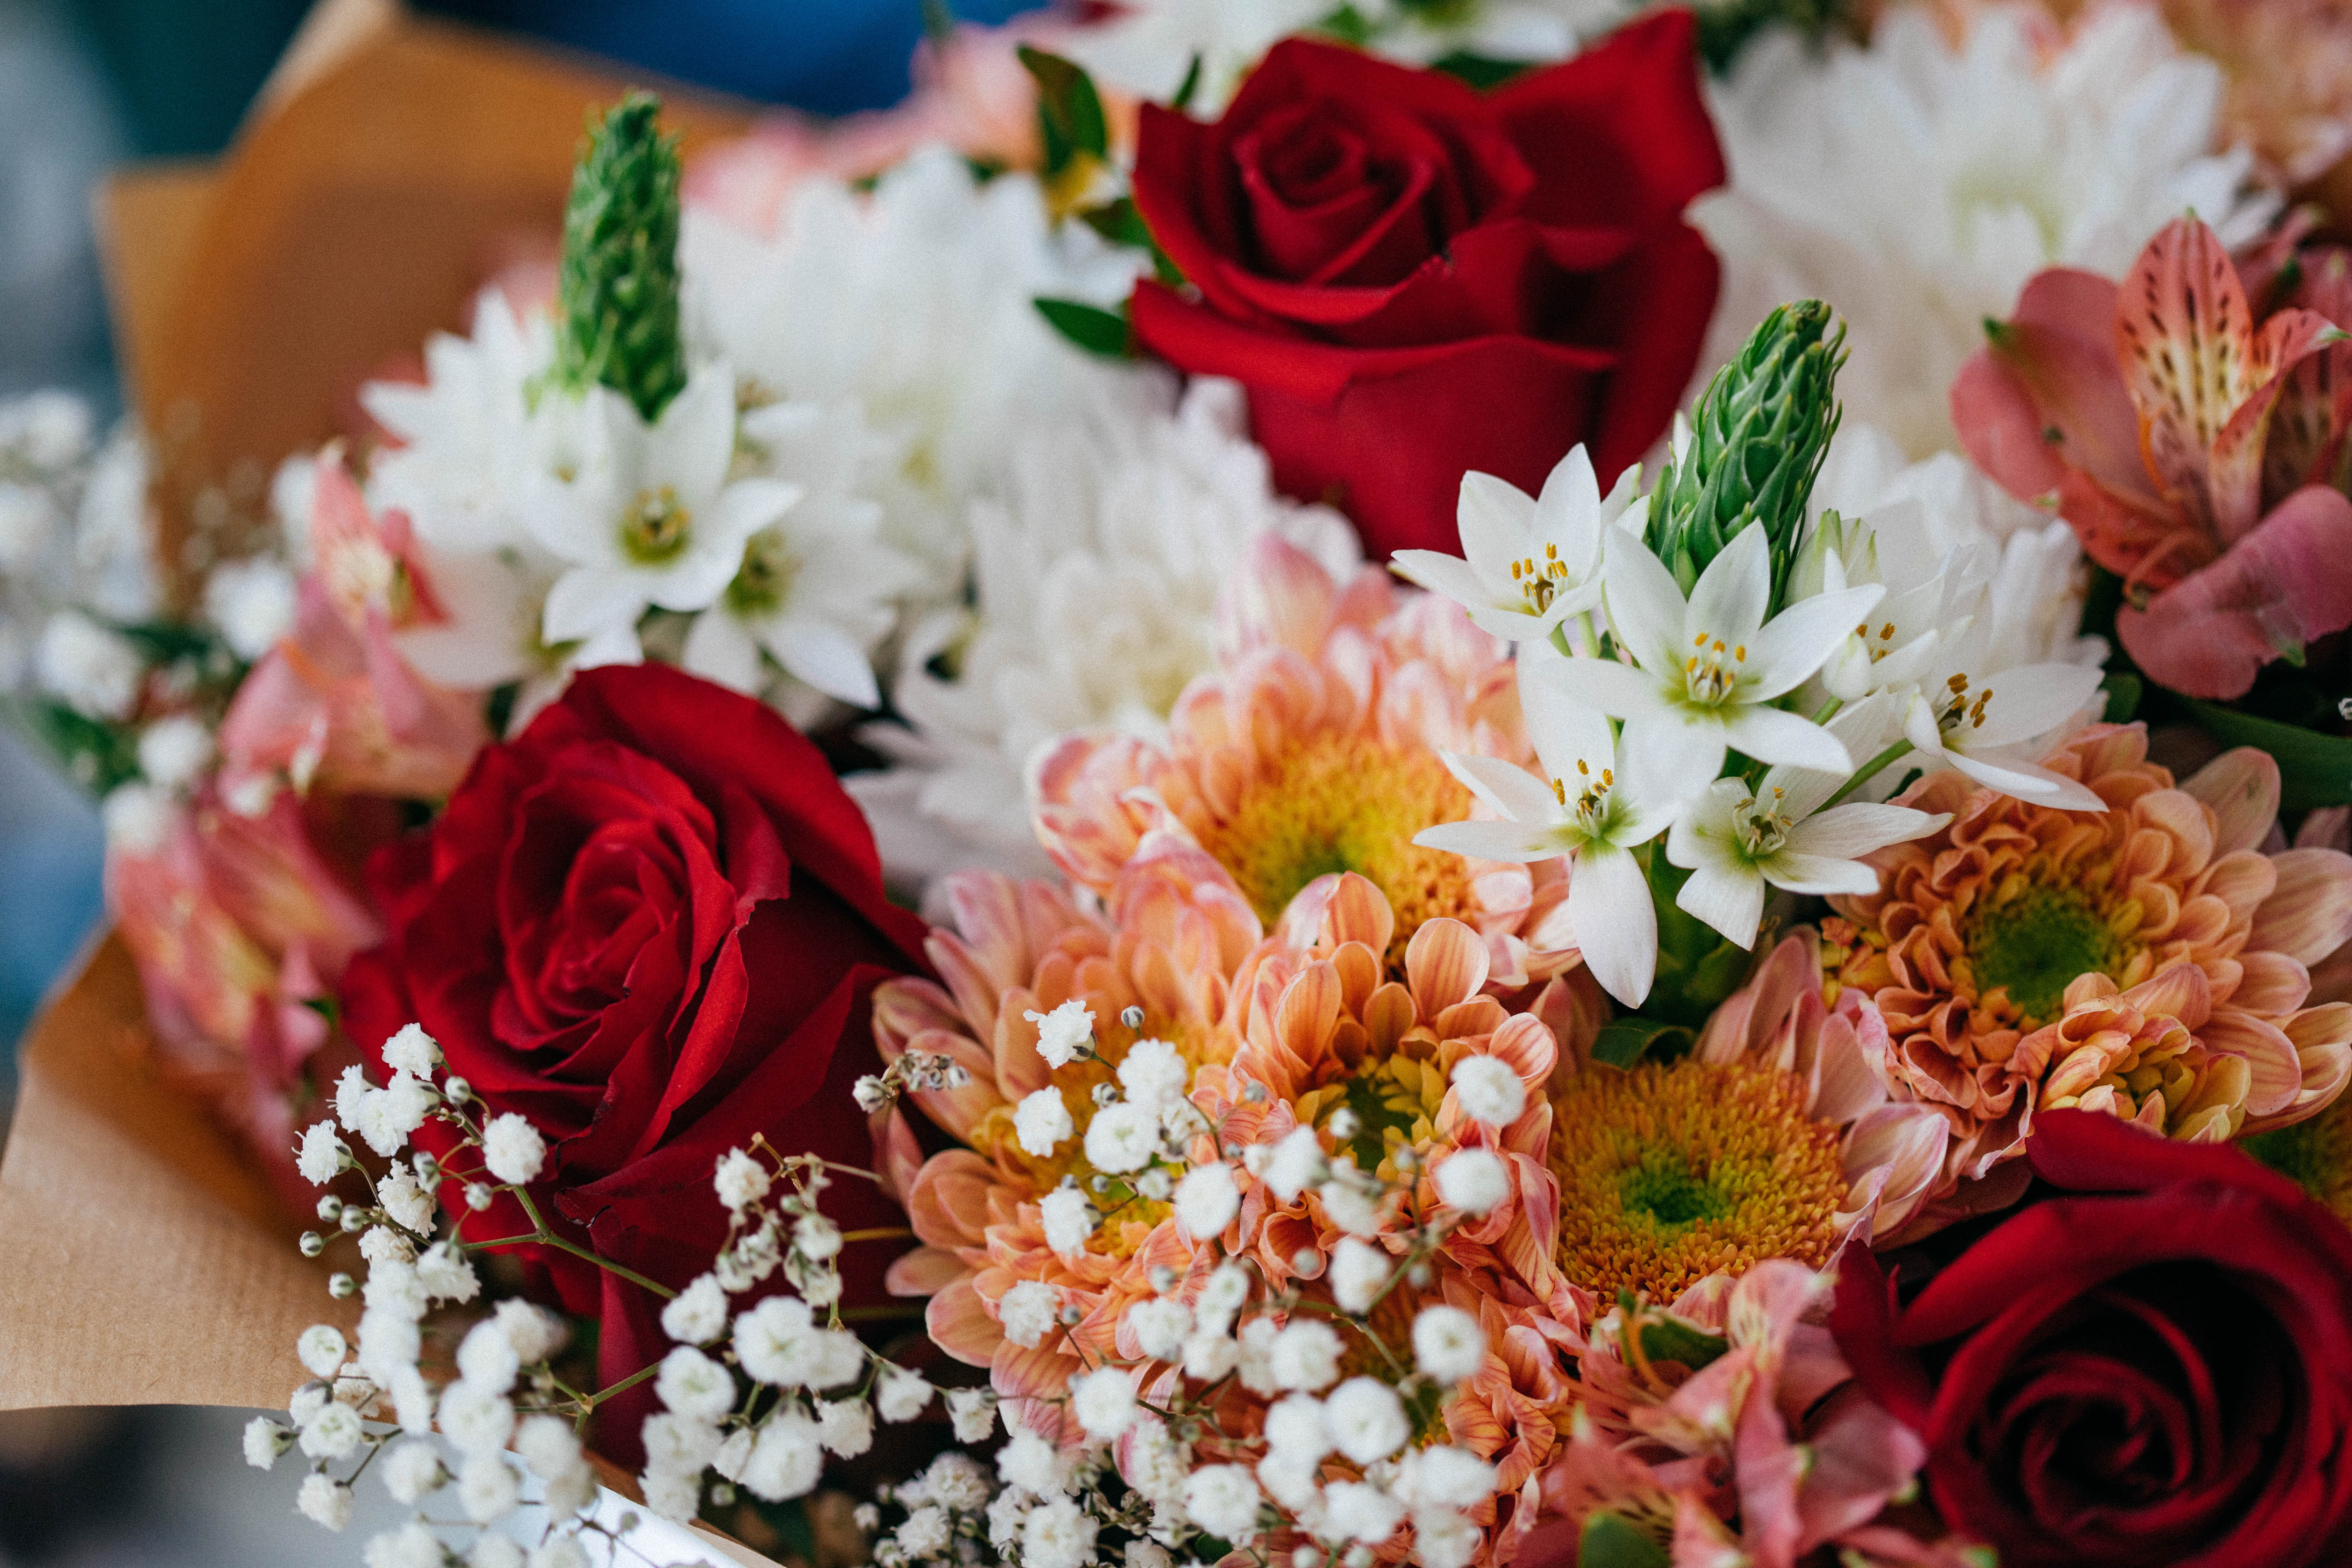 Susipažinkite su 2021-ųjų gėlių tendencijomis